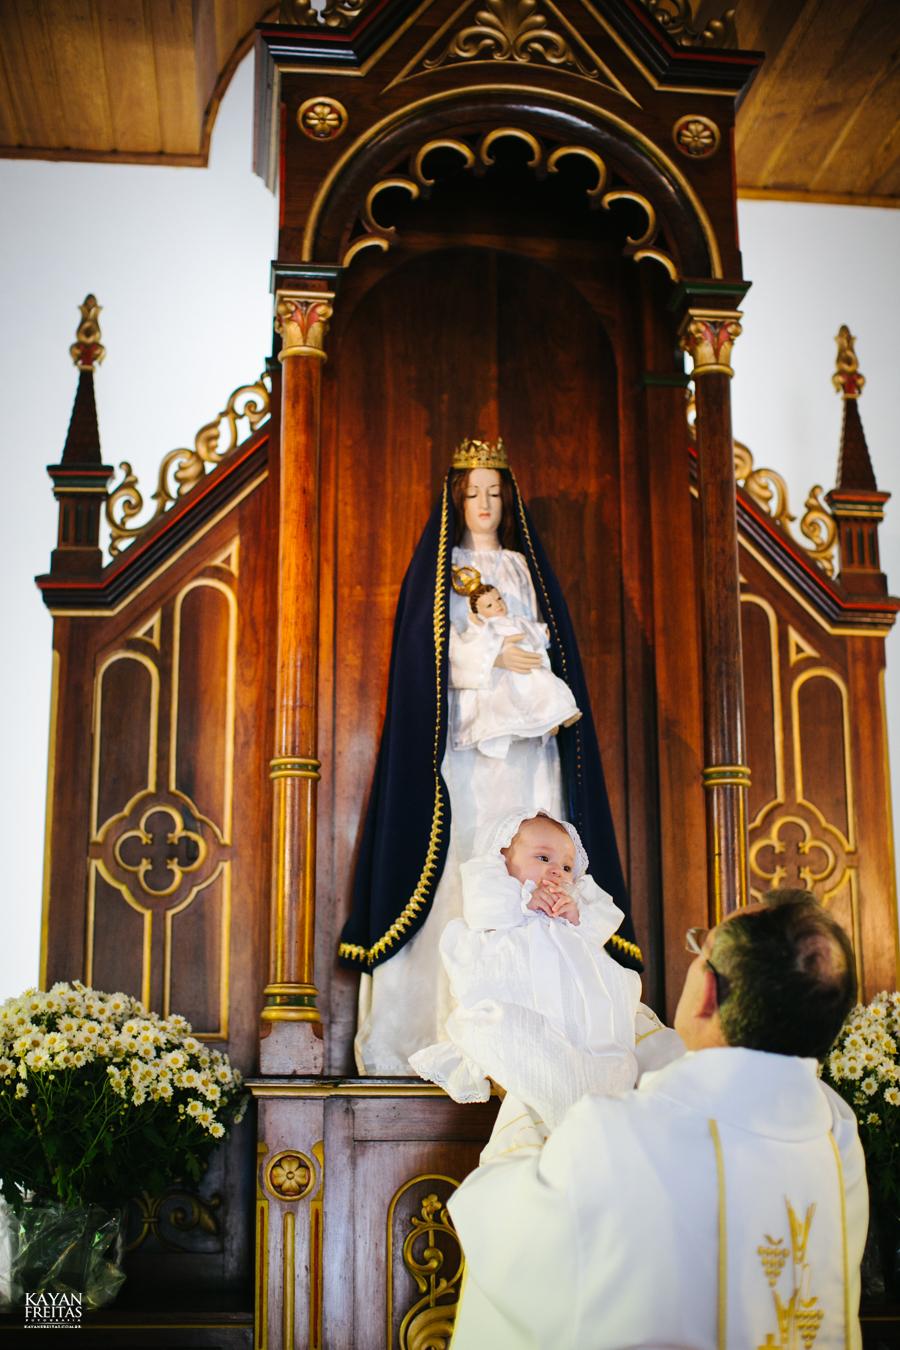 batizado-catarina-0025 Catarina - Batizado em Palhoça